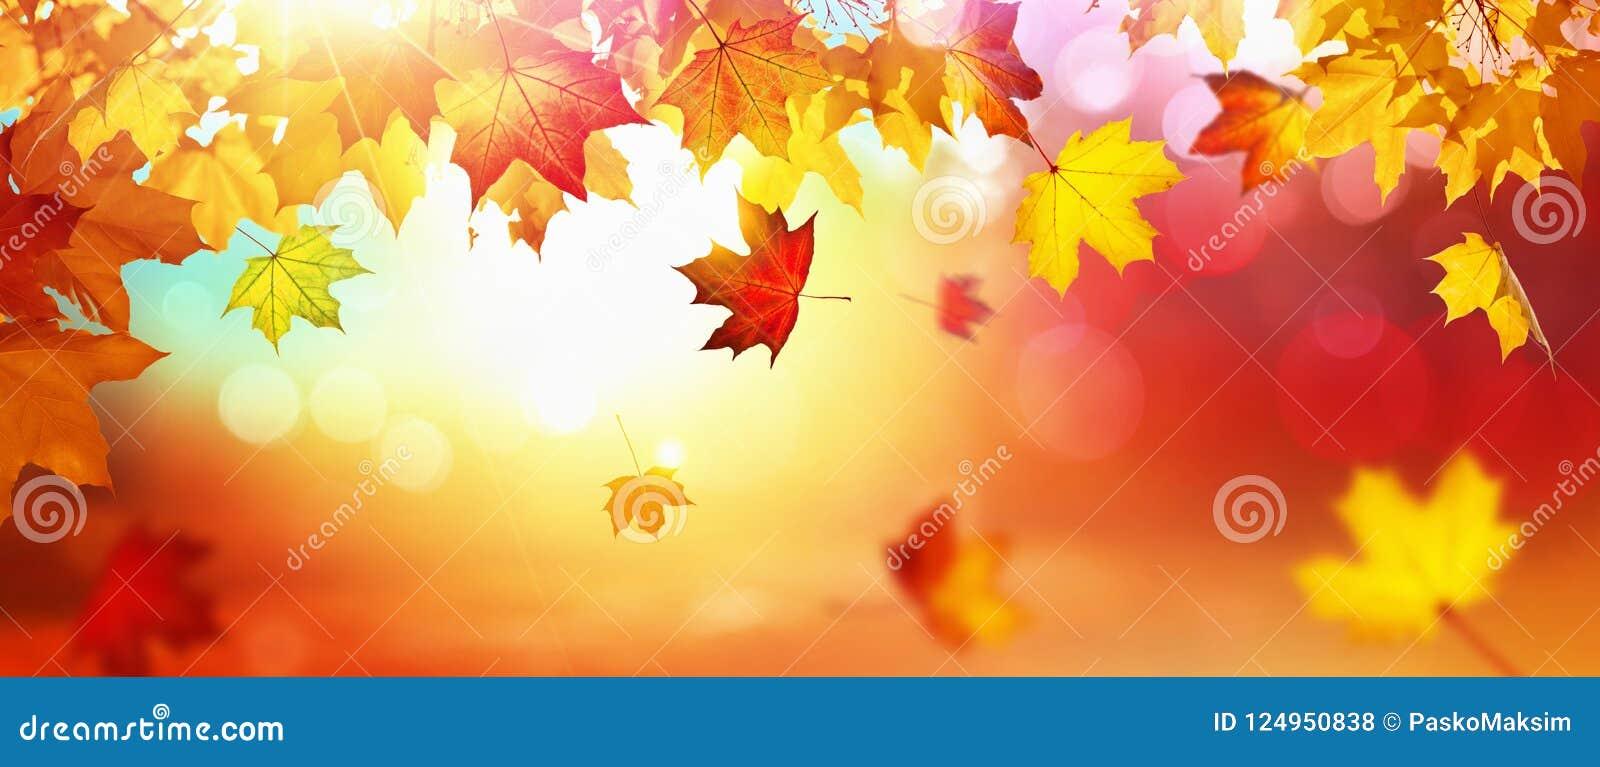 Fondo natural de las hojas de arce del otoño que cae